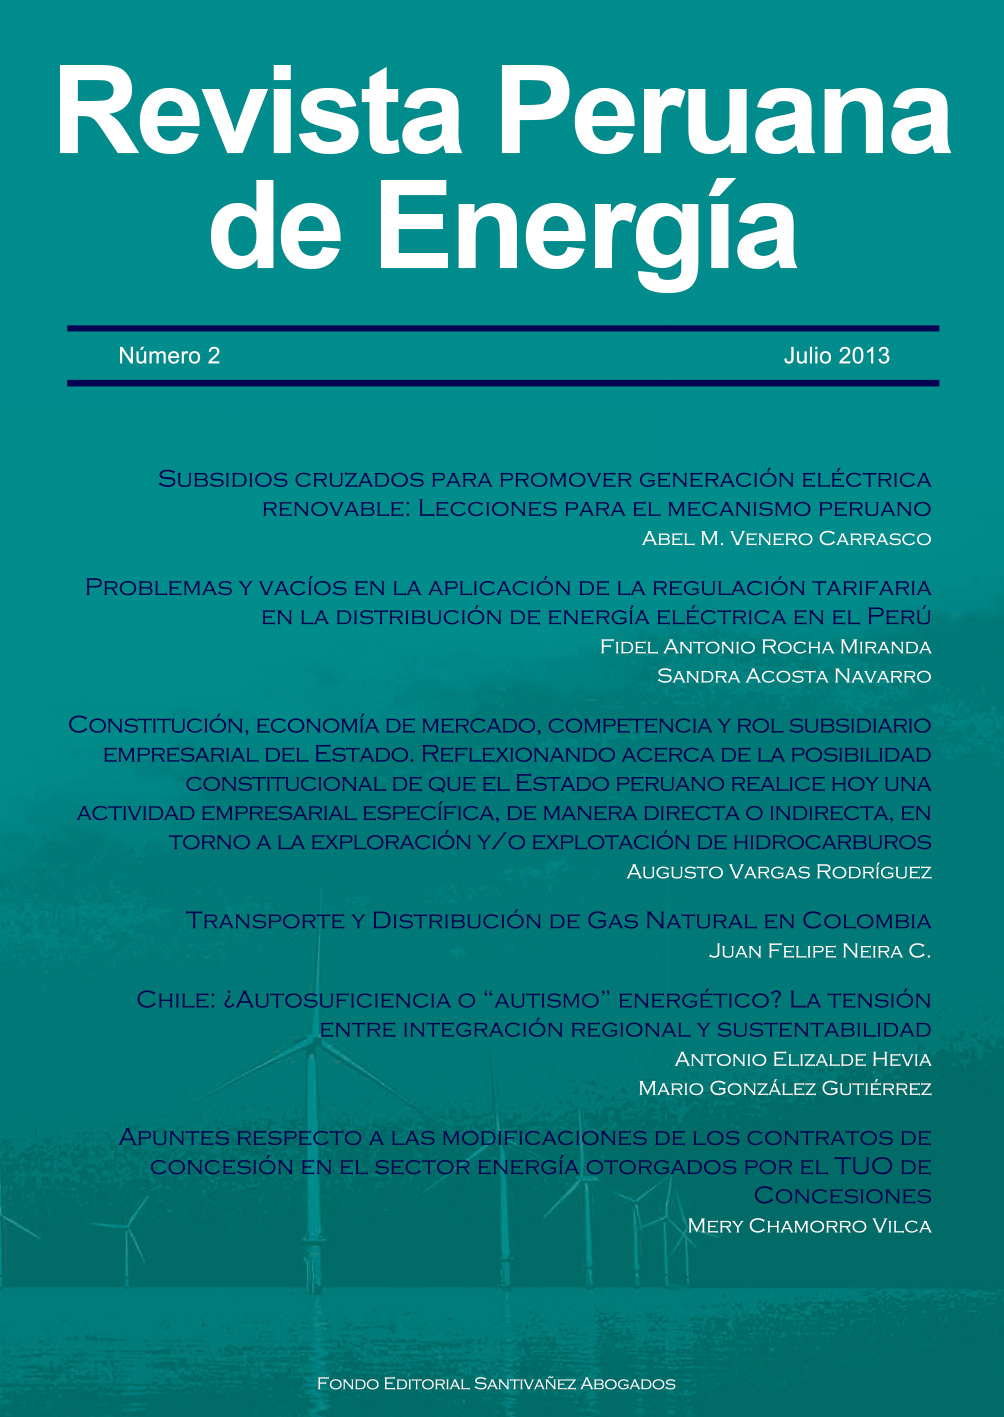 revista-peruana-energia-2